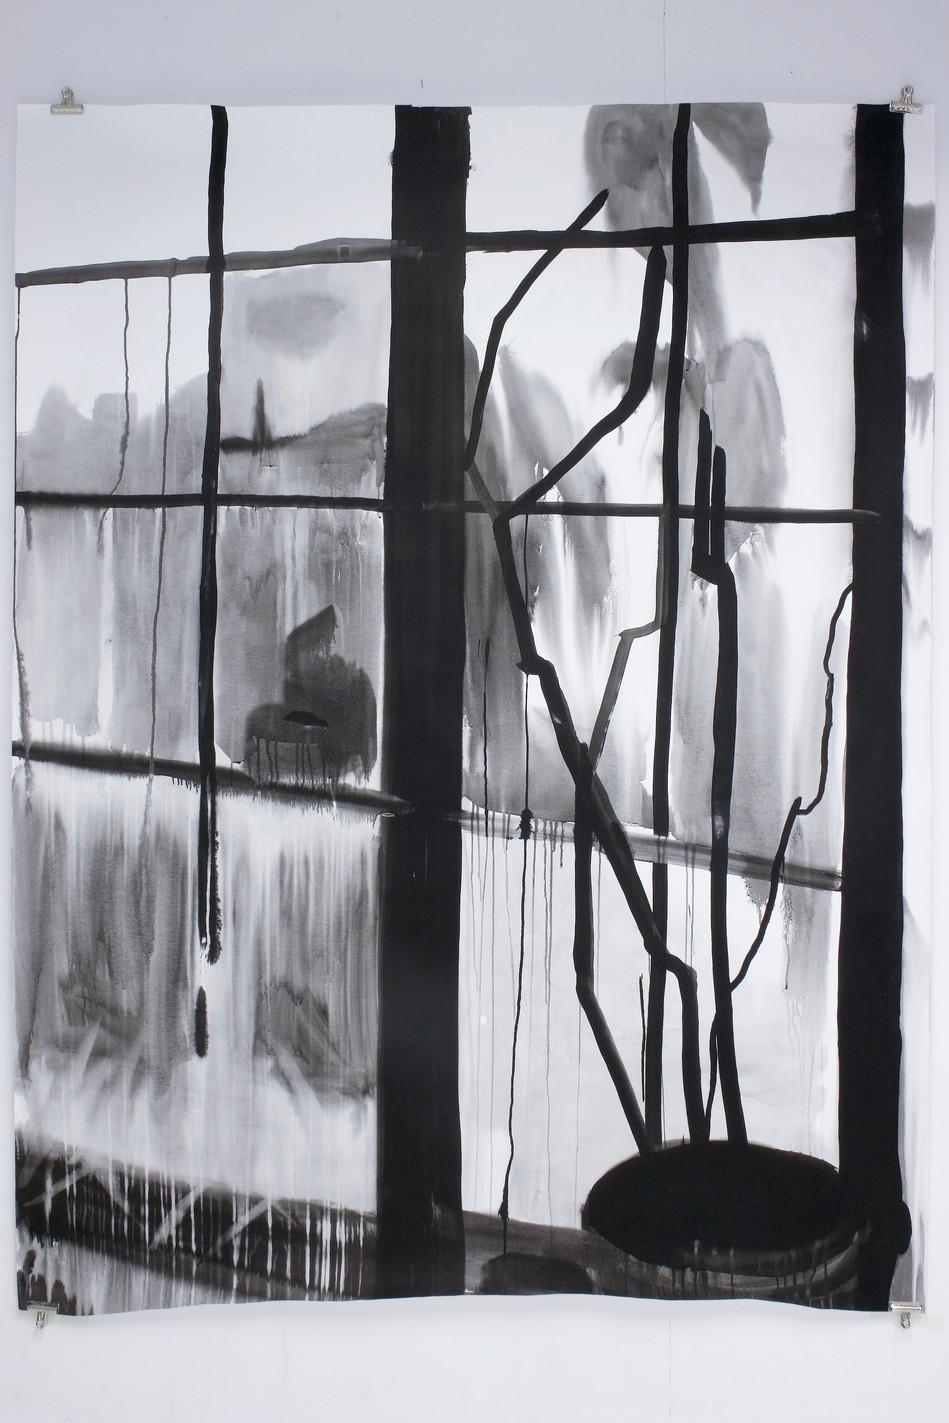 Ateljé fönster